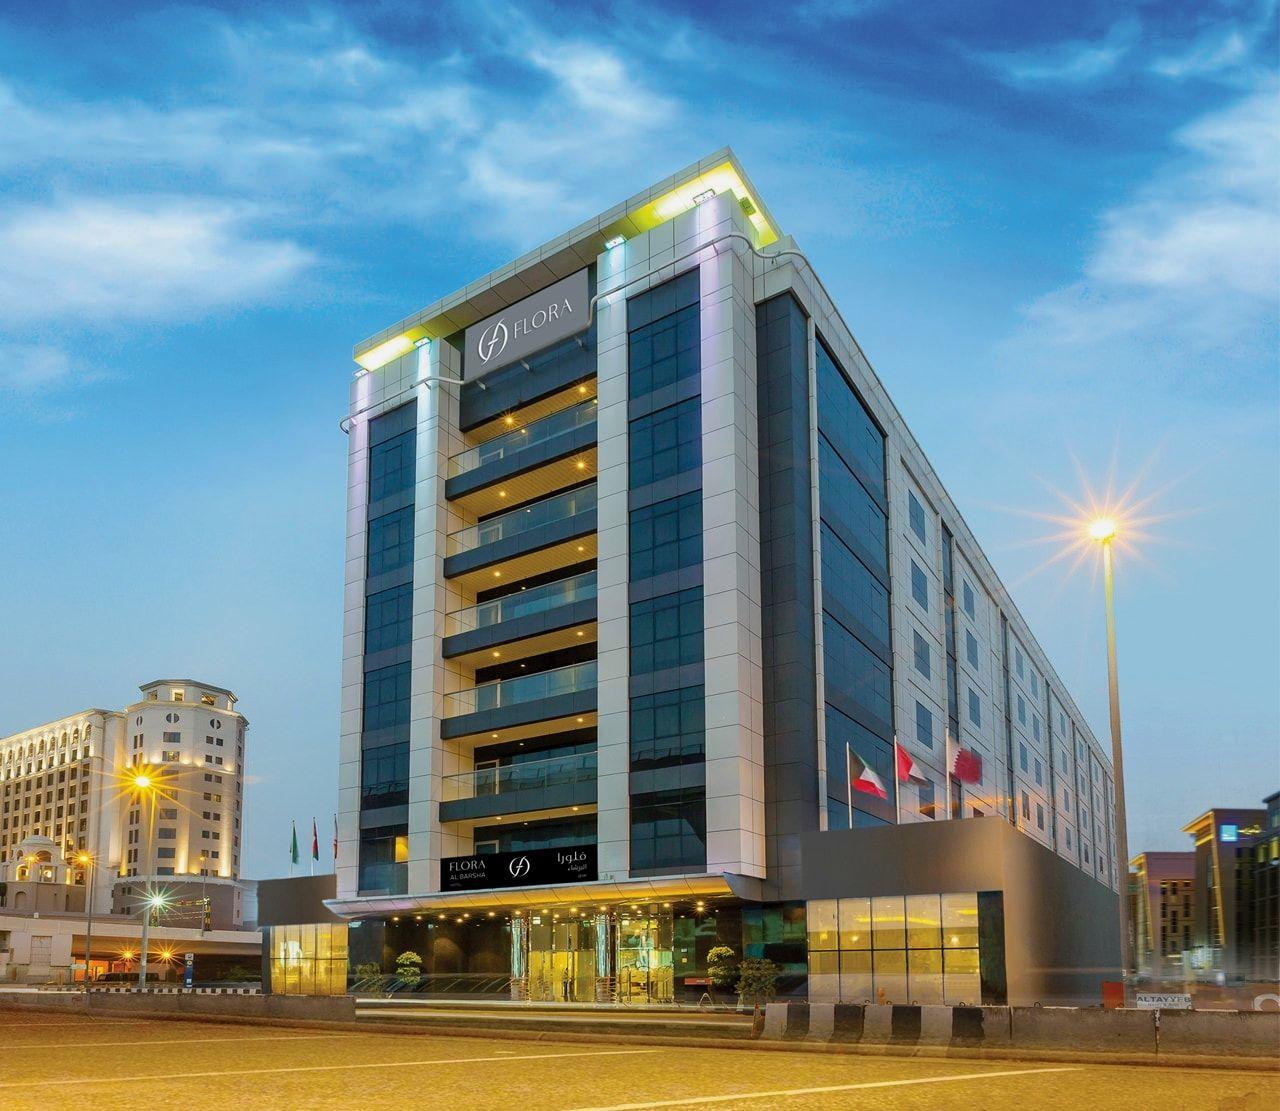 United Arab Emirates Dubai 1313 Tourism Unitedarab Emirates United Arab Emirates Dubai I Vores Blog Meget Mere Great Hotel Hotel United Arab Emirates